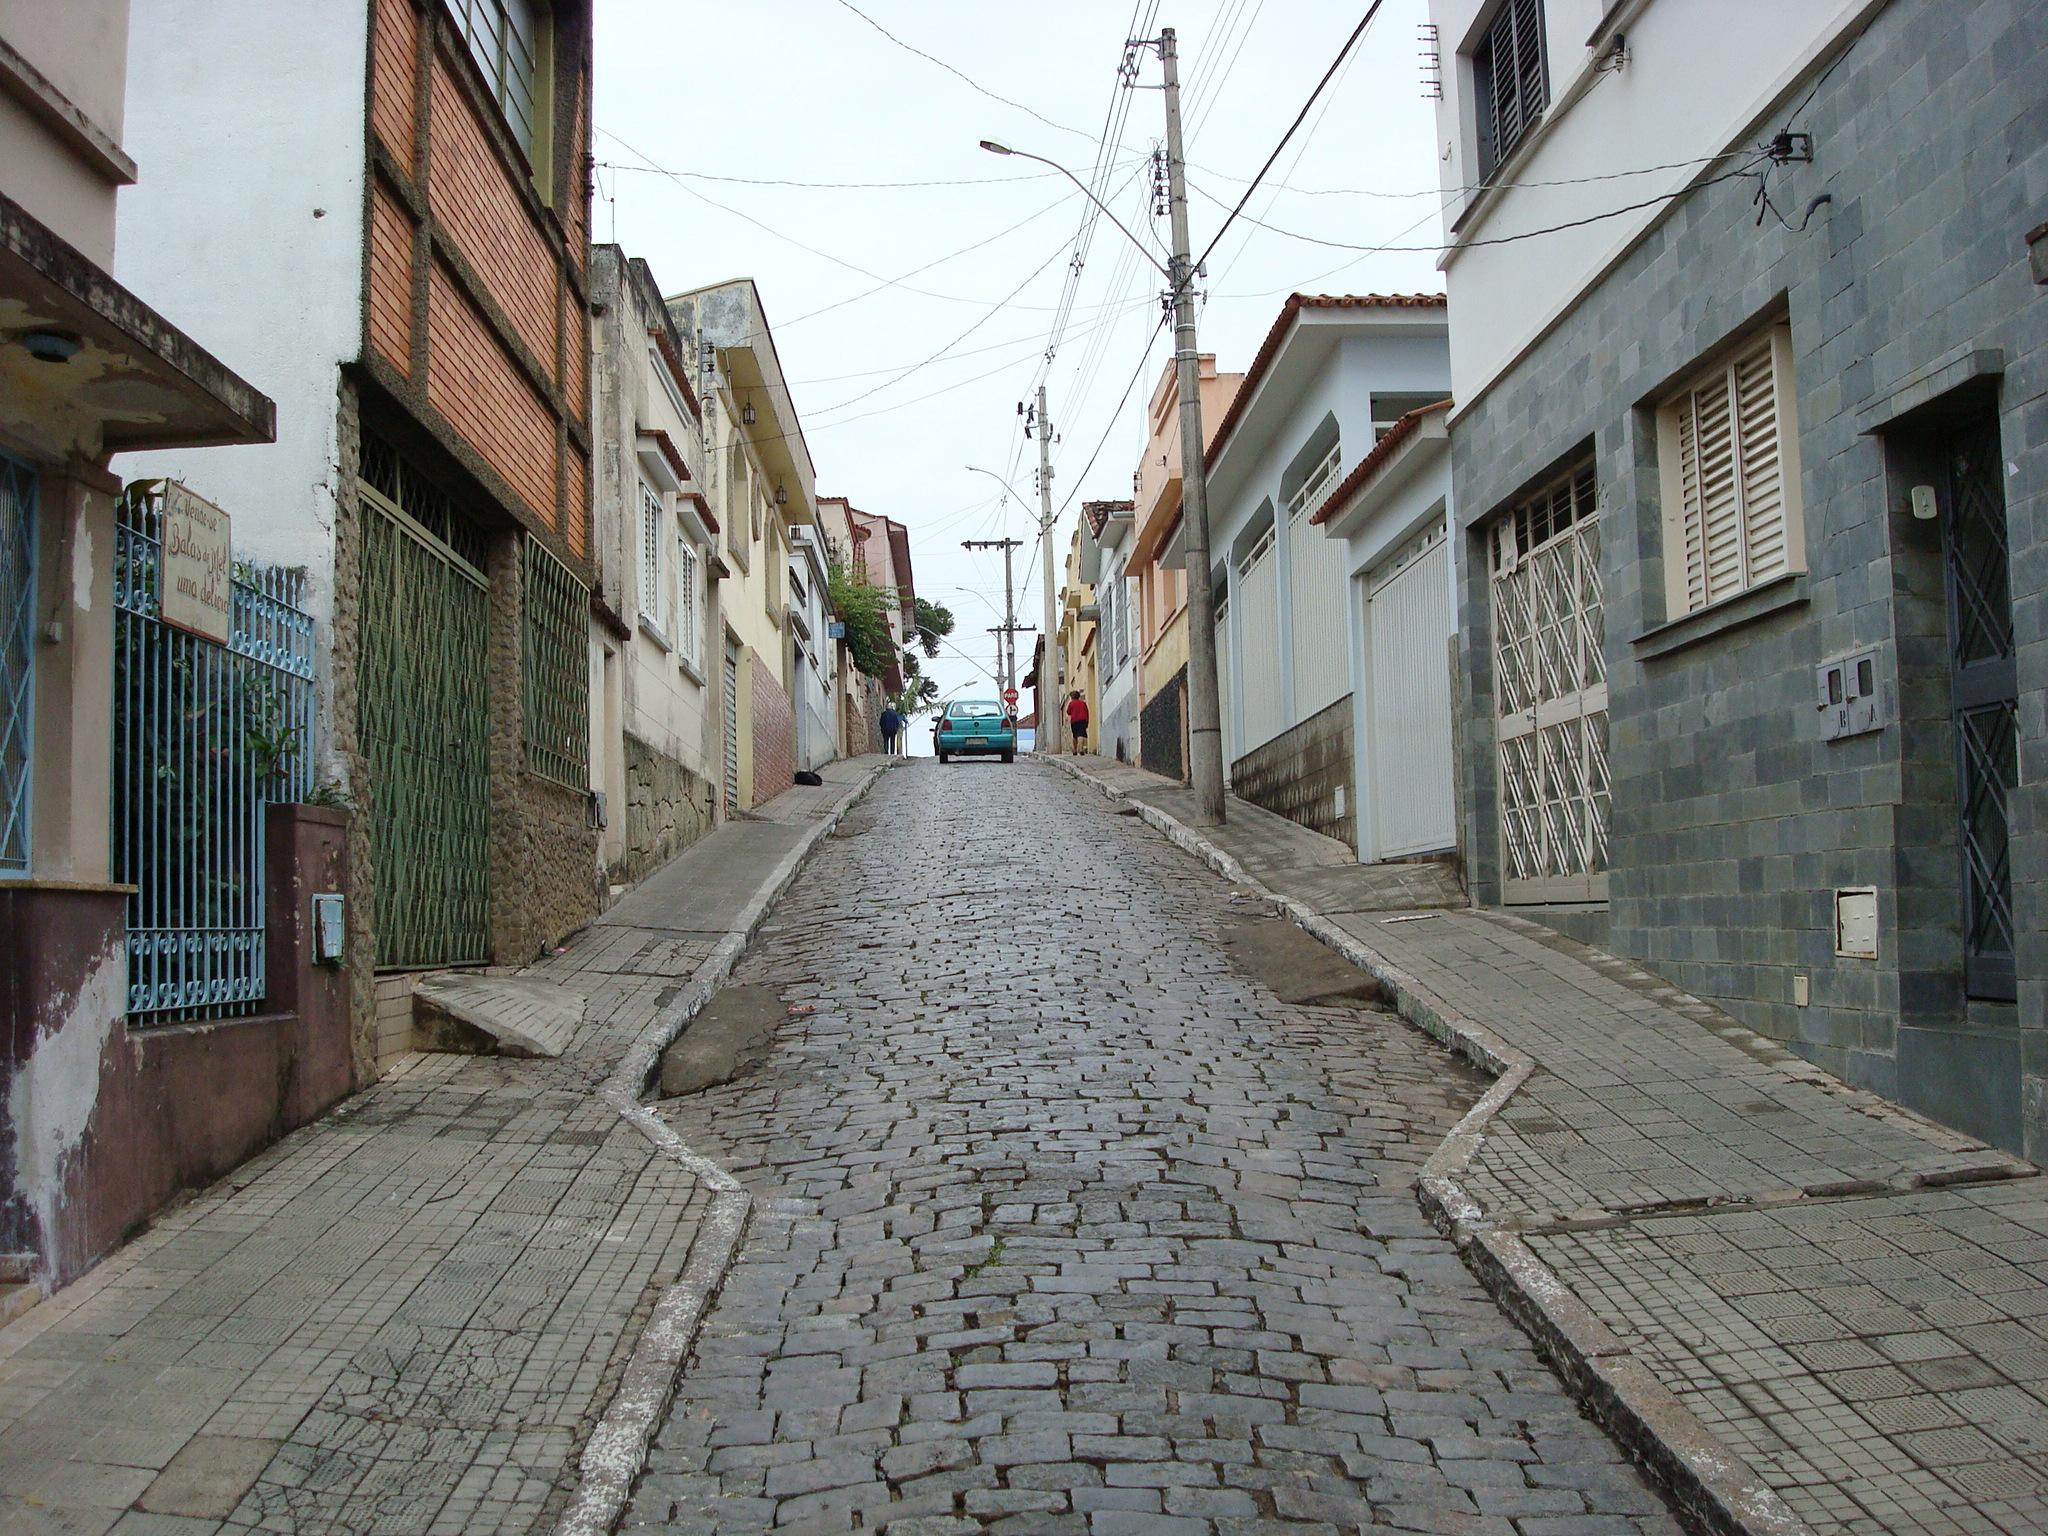 La rua de valdeorras fotos 84